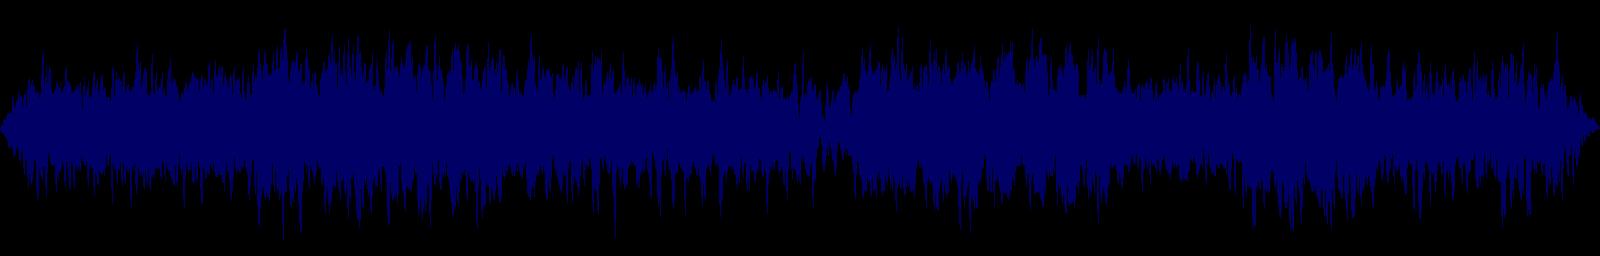 waveform of track #142918